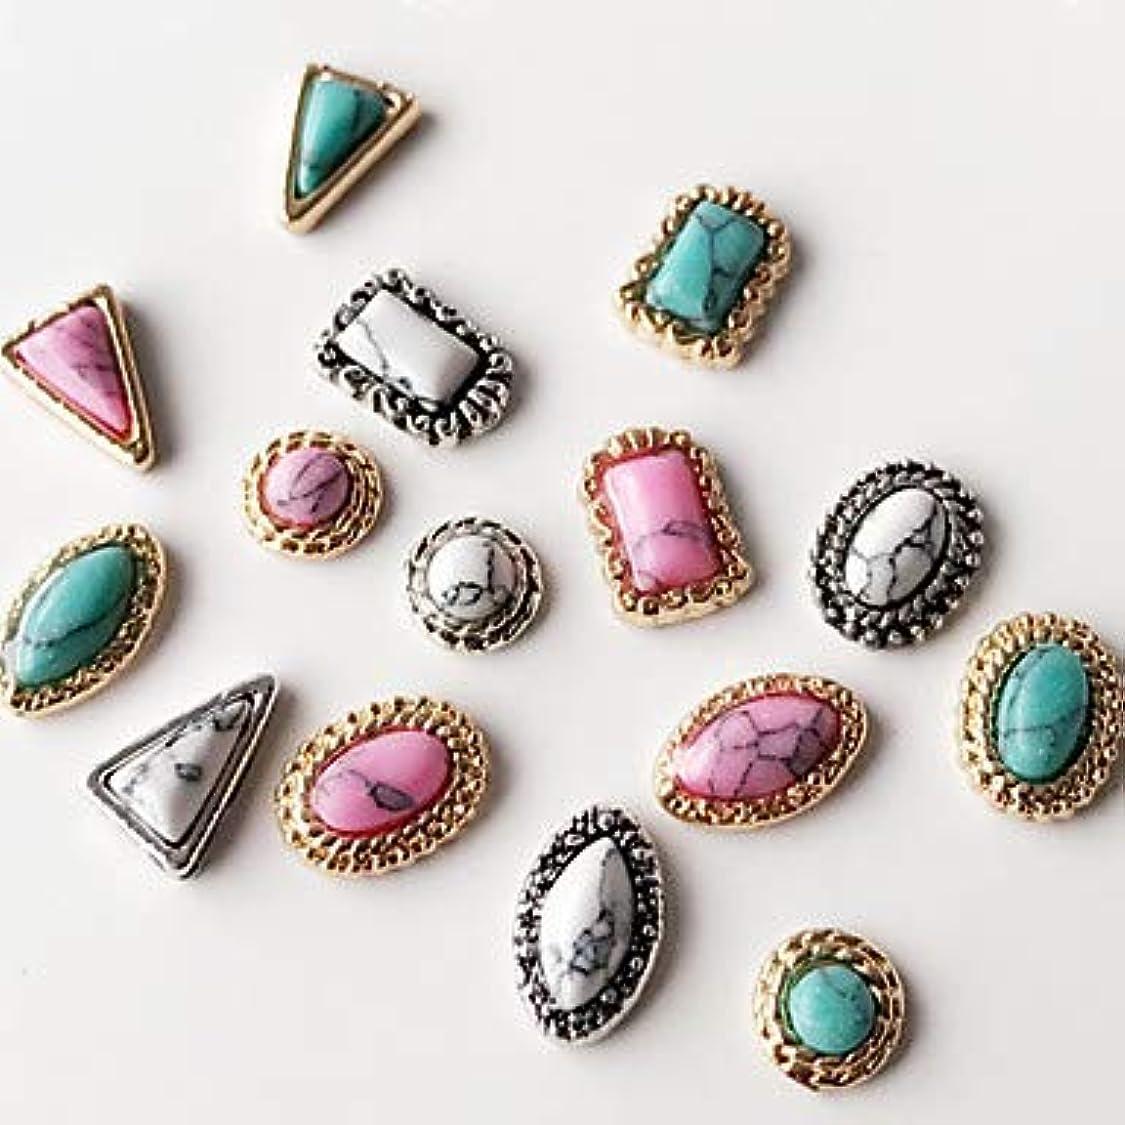 実現可能ガイダンスええ10個混合スタイル混合色古代の宝石ネイルアートの装飾に戻ります